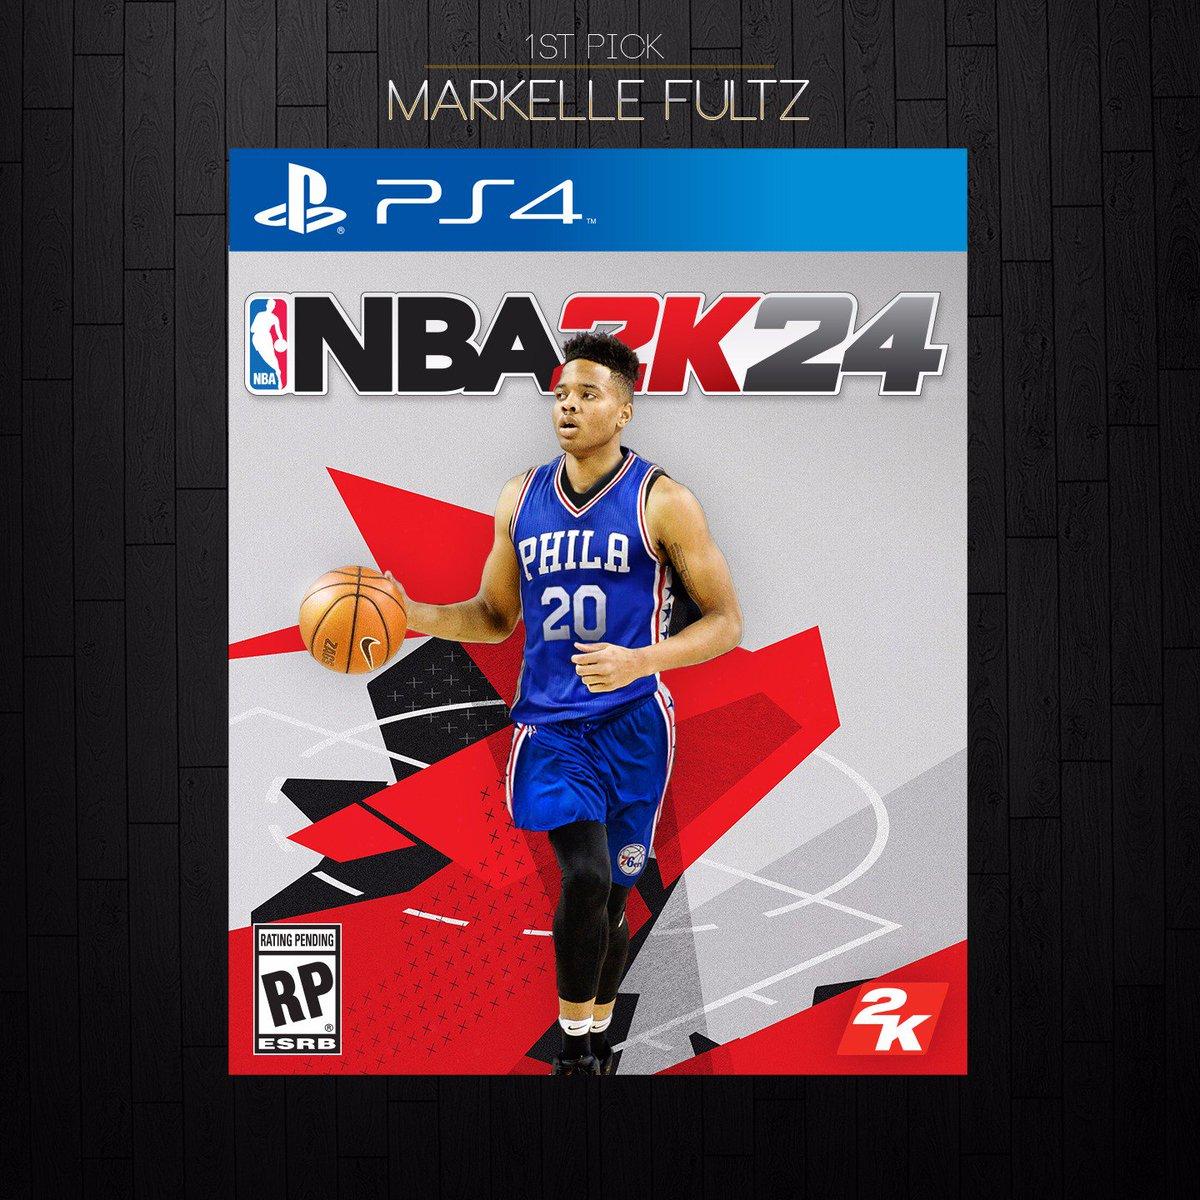 Nba: NBA 2K 2K18 (@NBA2K)